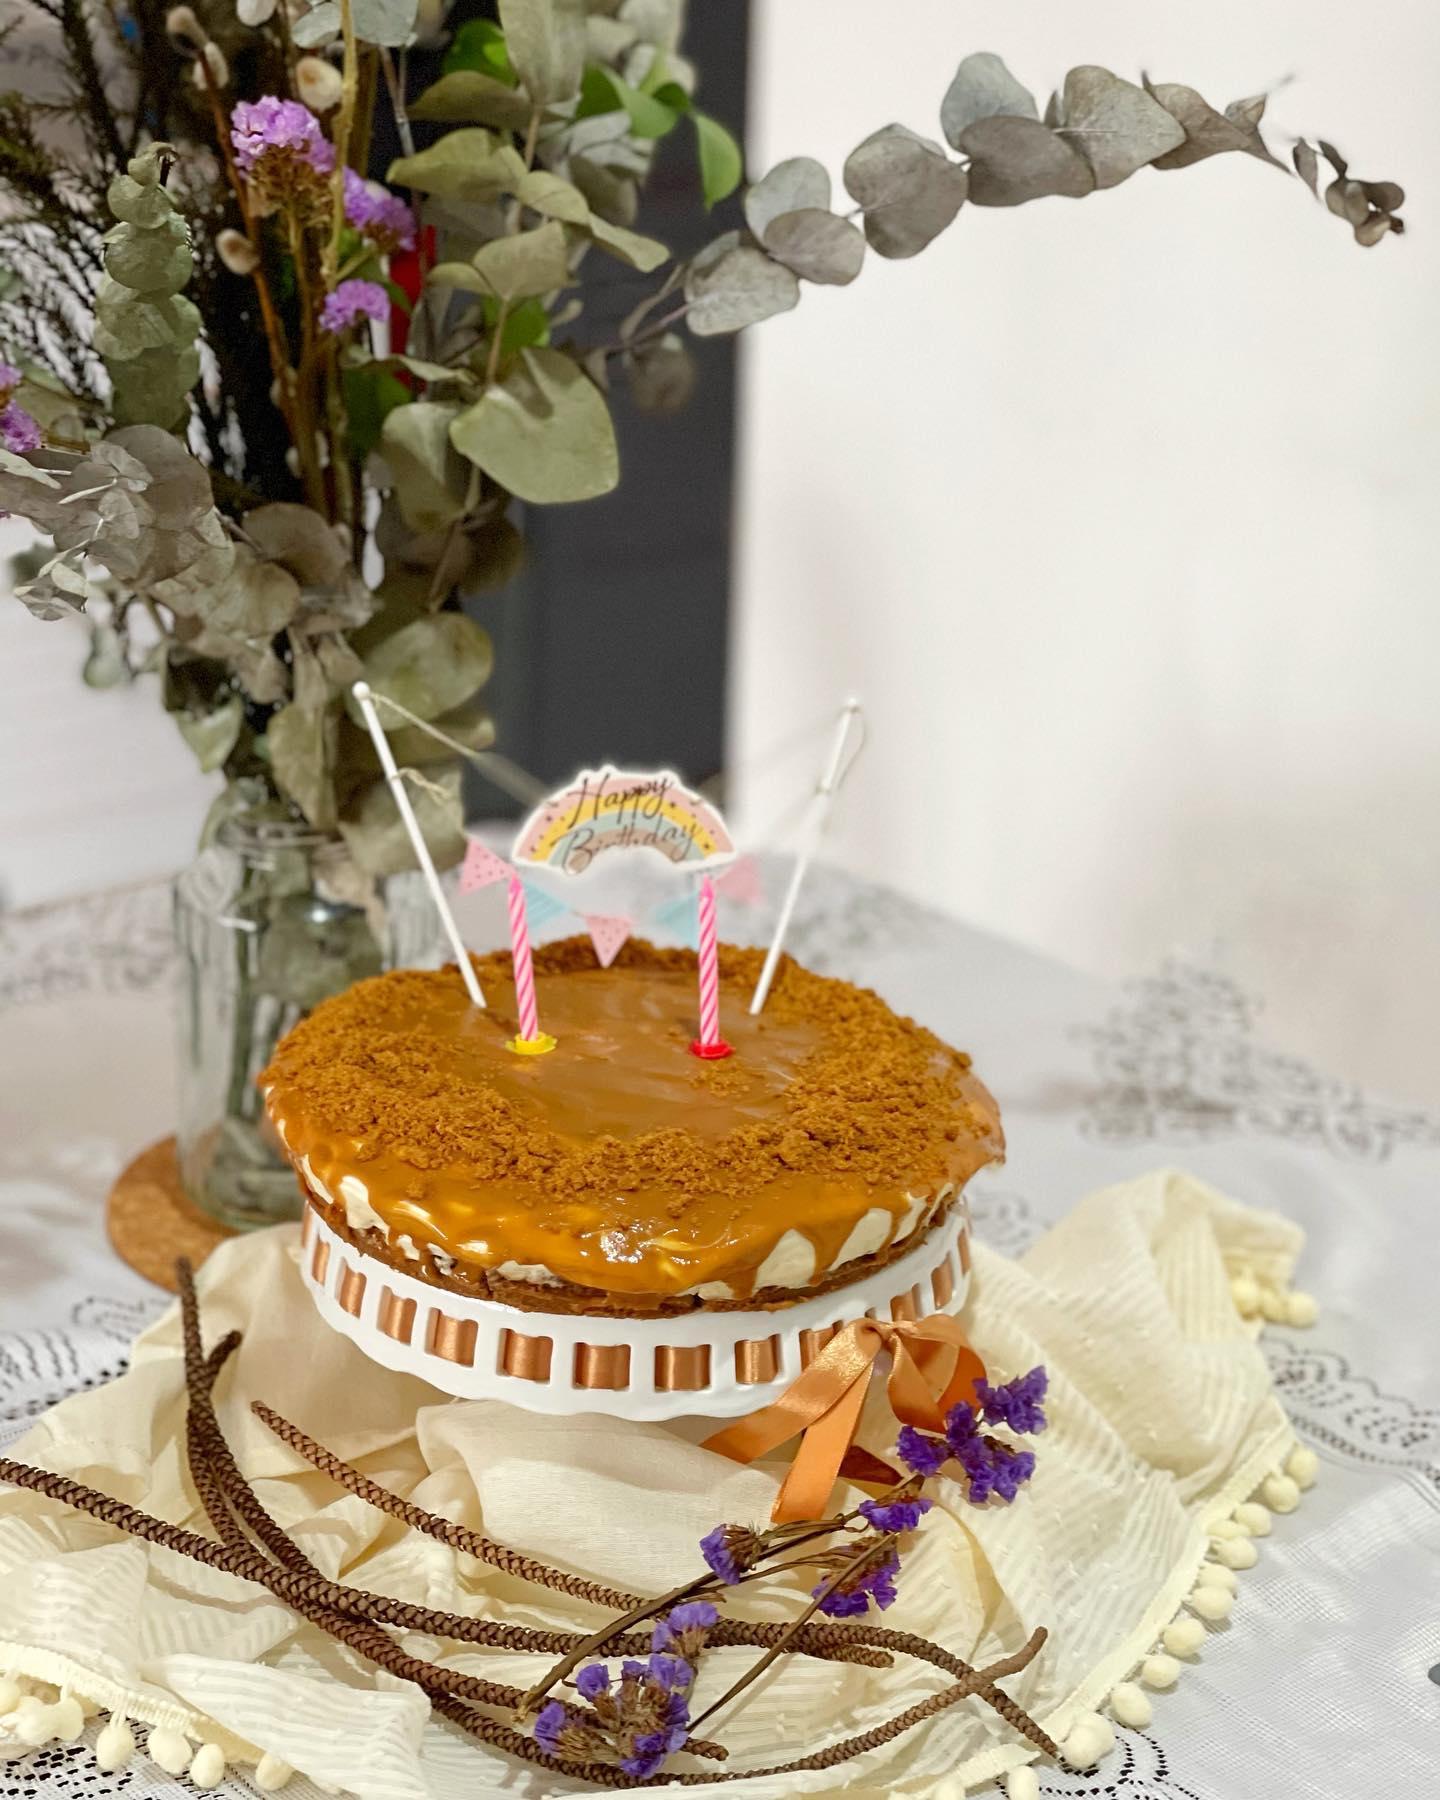 Biscoff Cheesecake Tiramisu  - House of Hazelknots